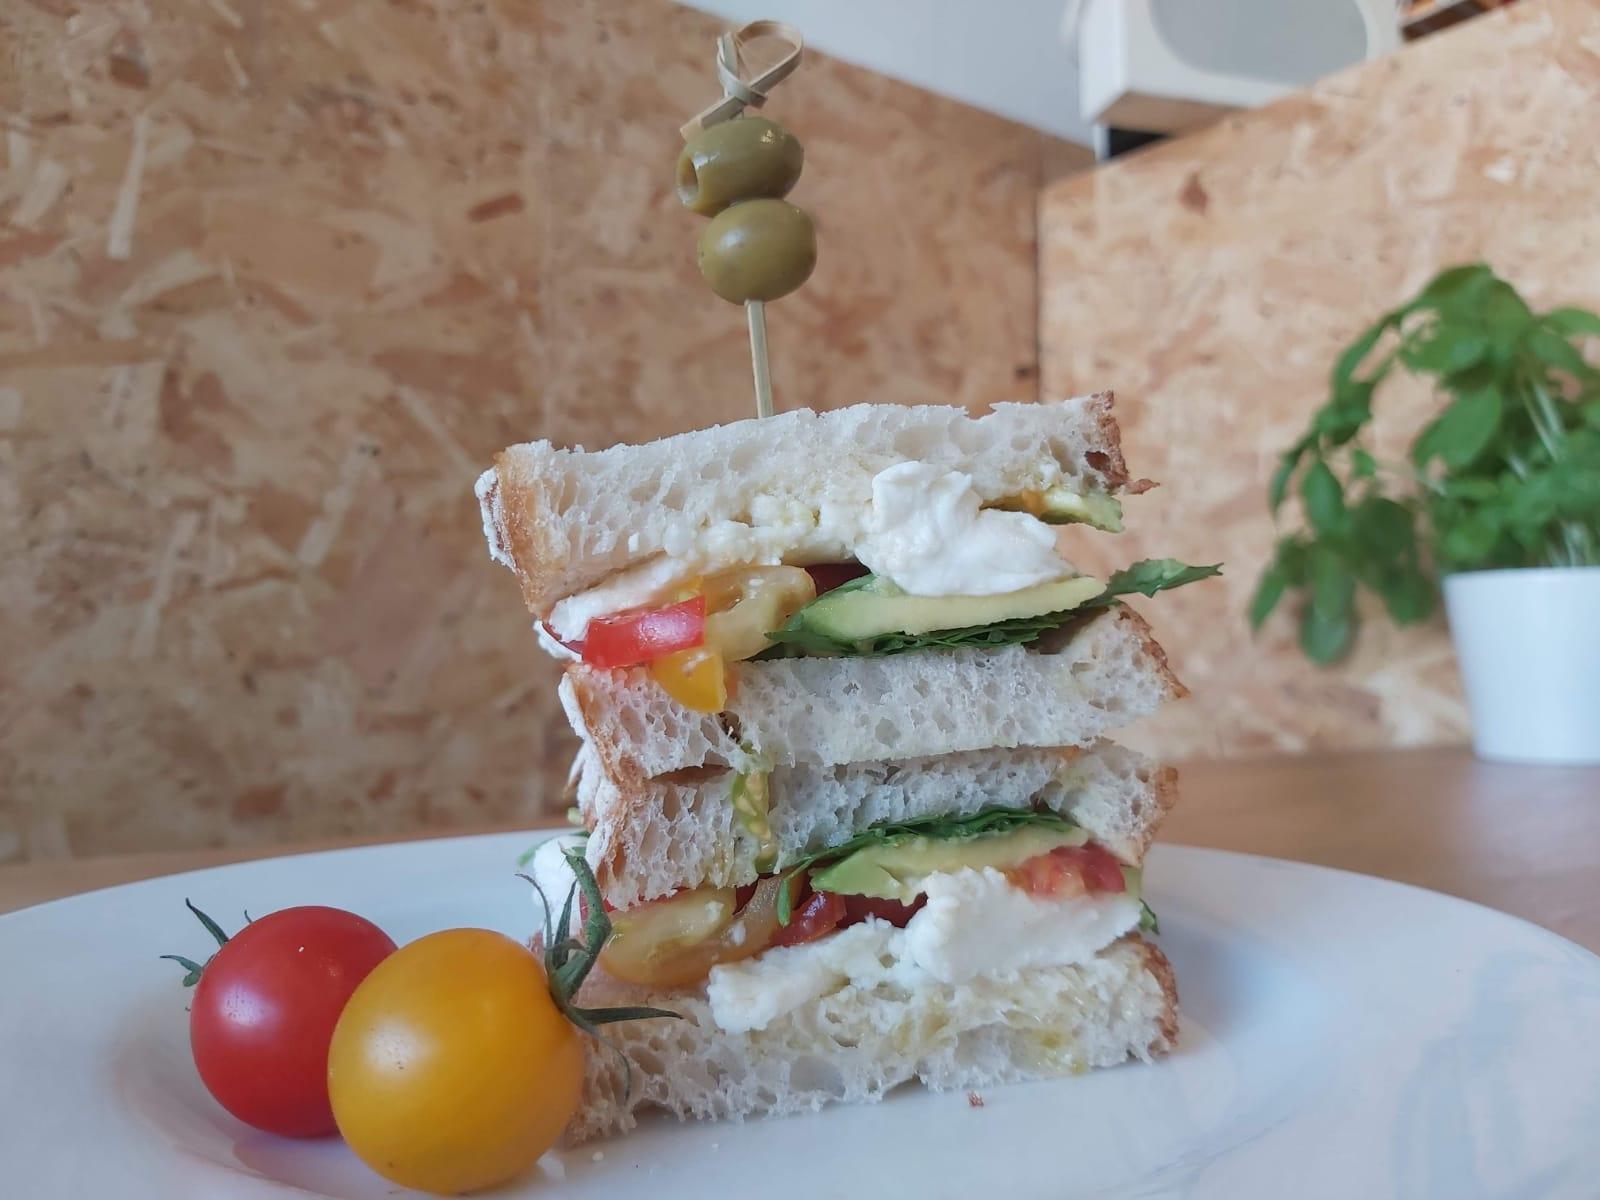 Amherst Group Ltd - Le Sandwich